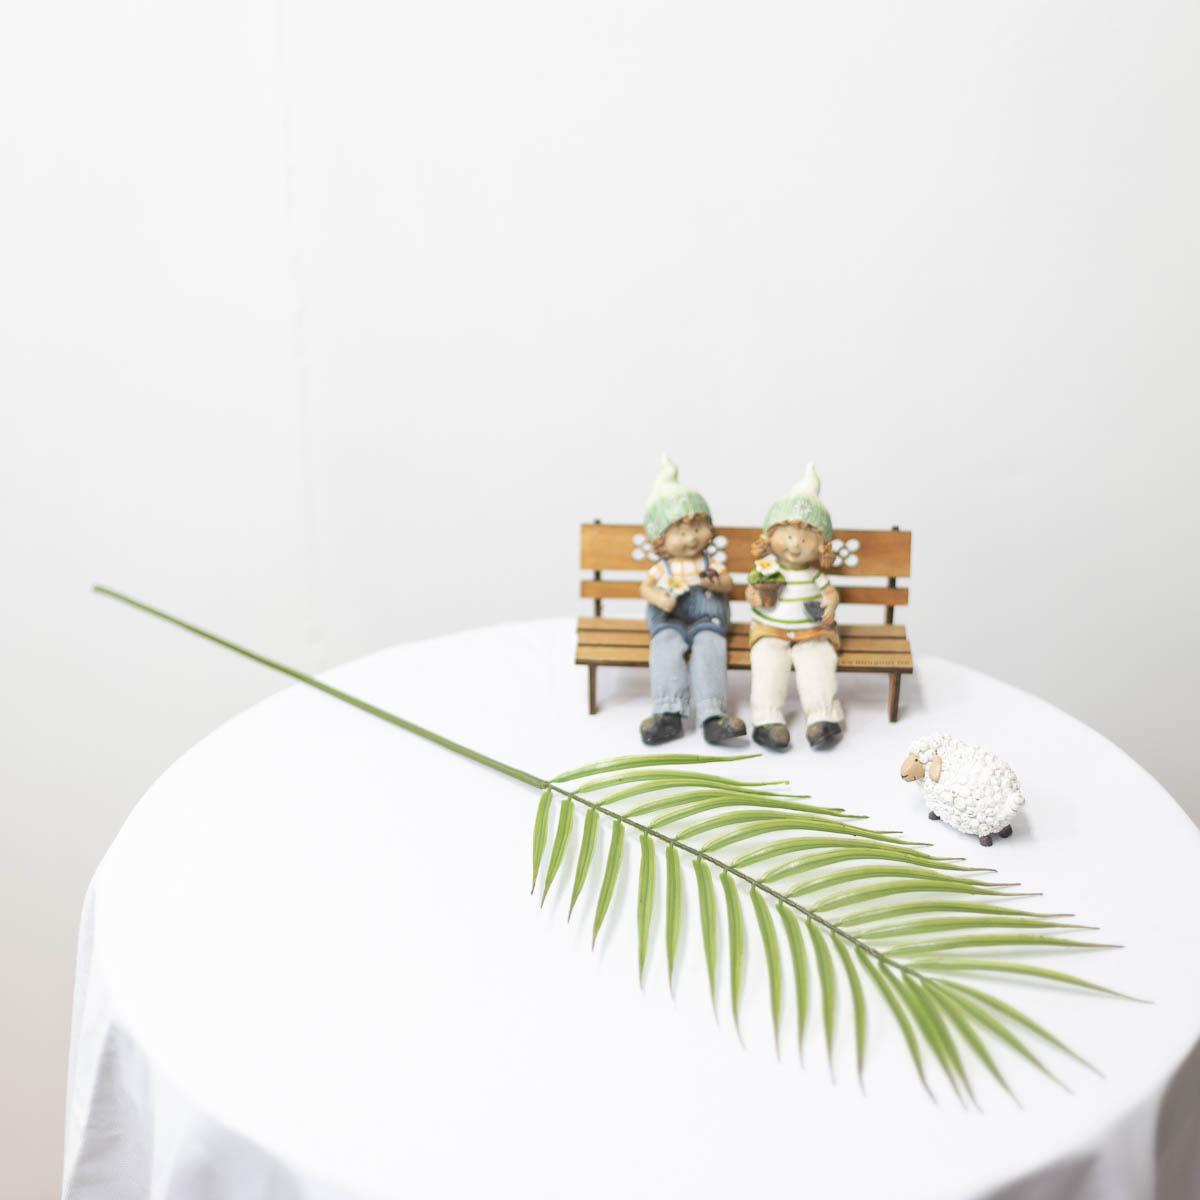 아레카야자조화 잎사귀 나무가지 79cm 잎사귀 윗쪽